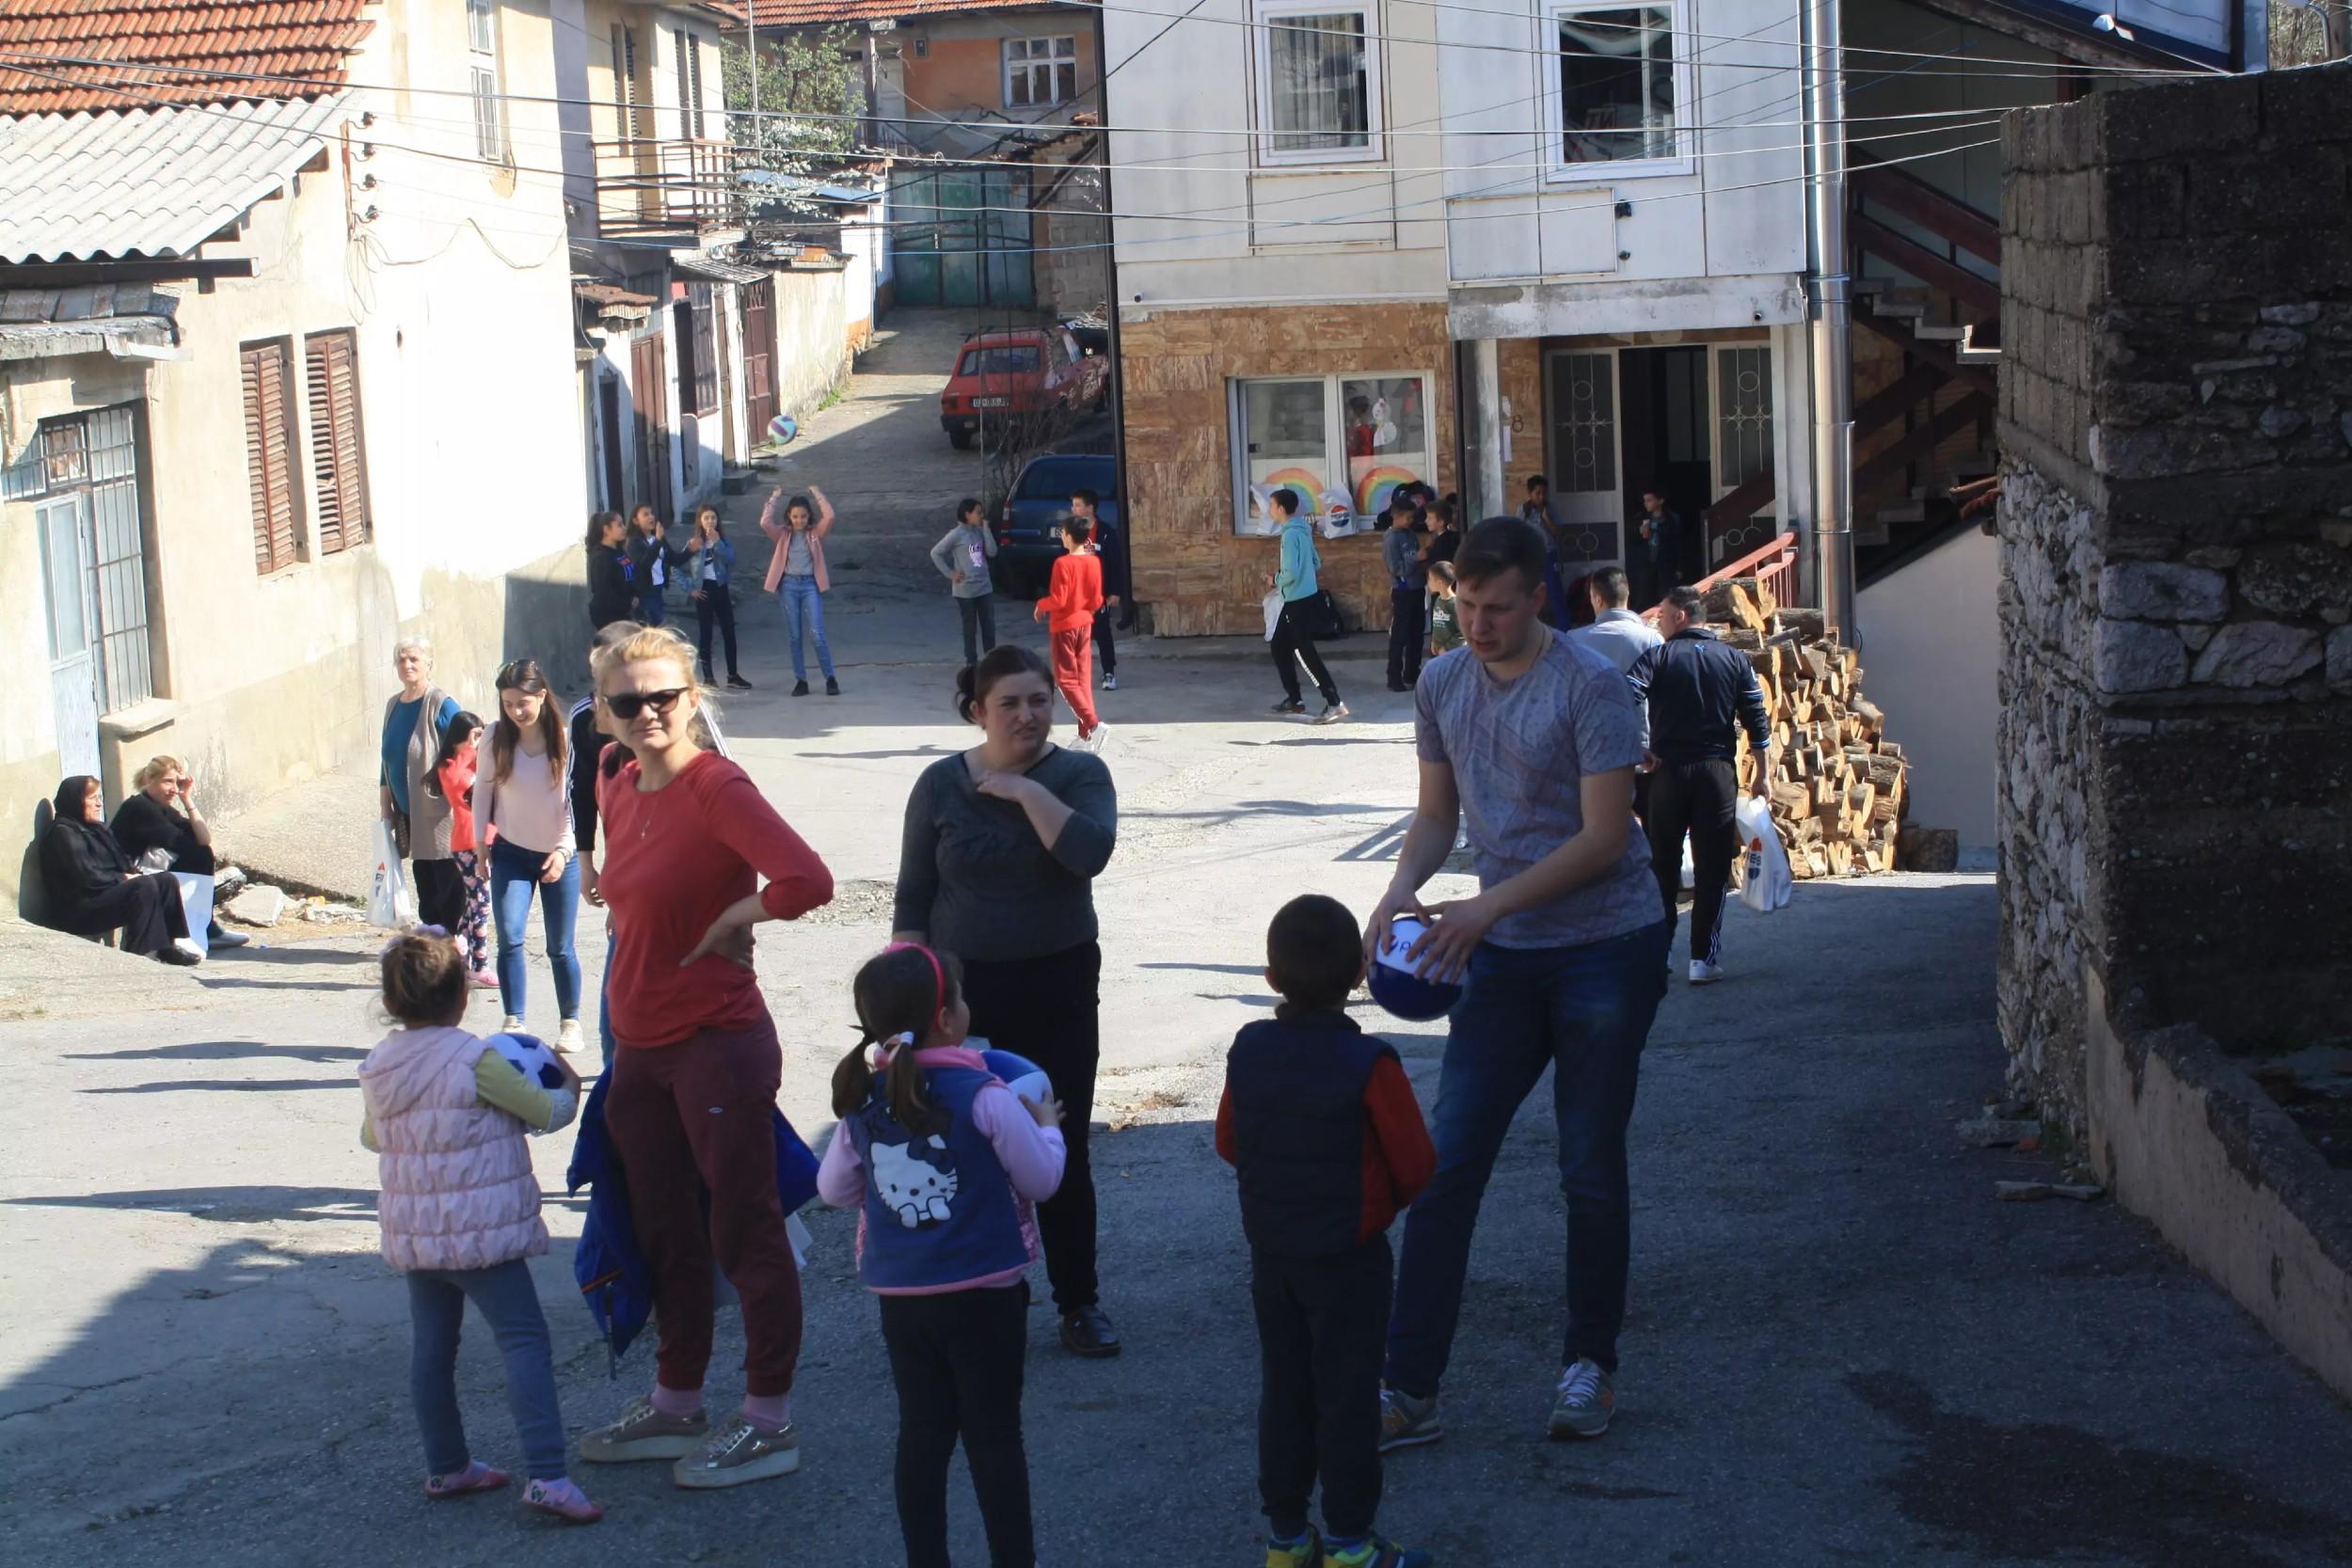 Студенти се играју са децом у Ораховцу током посете Косову и Метохији, 30. март 2019. године (Фото: Нови Стандард)